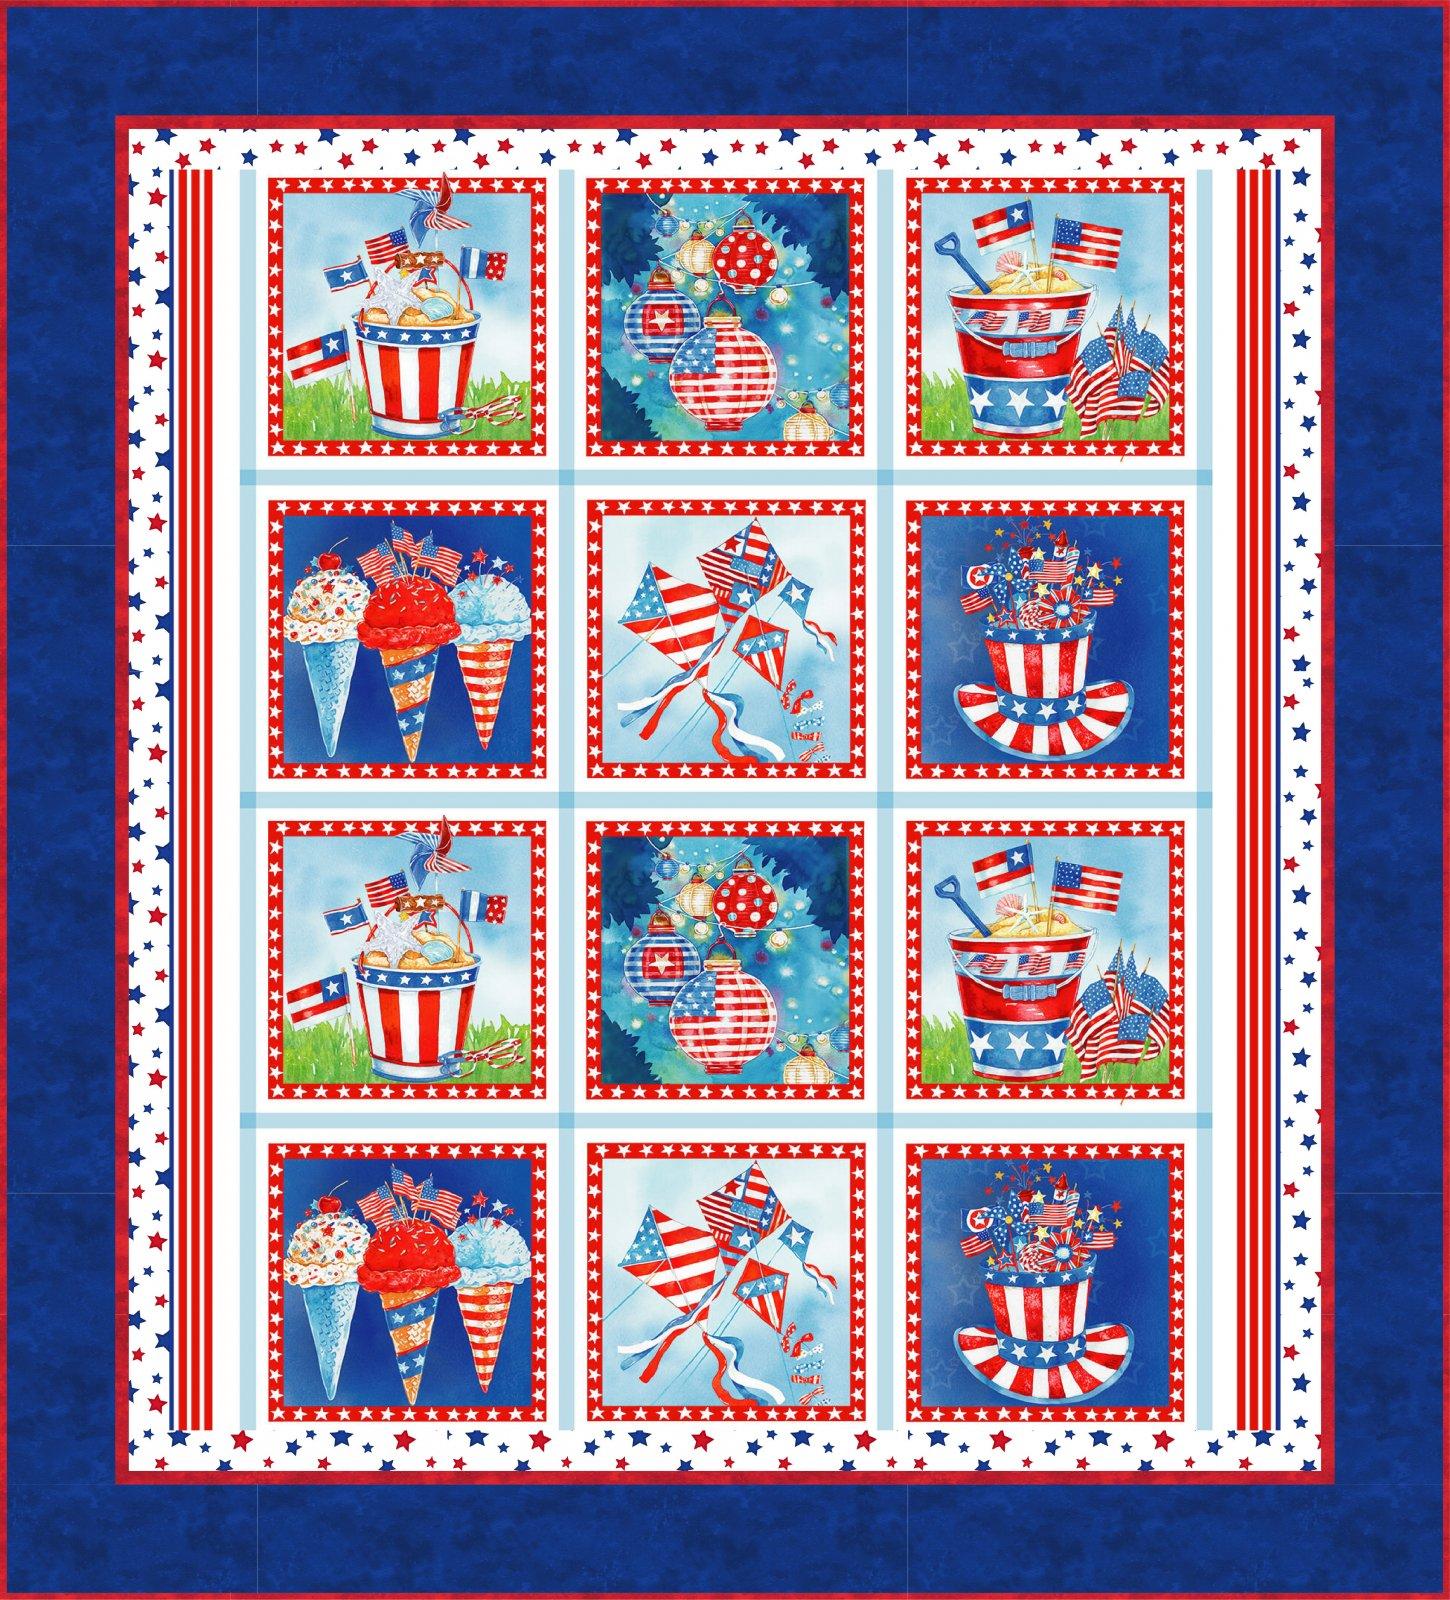 Star Spangled Panel Quilt Kit (53 x 58.5) - Blue